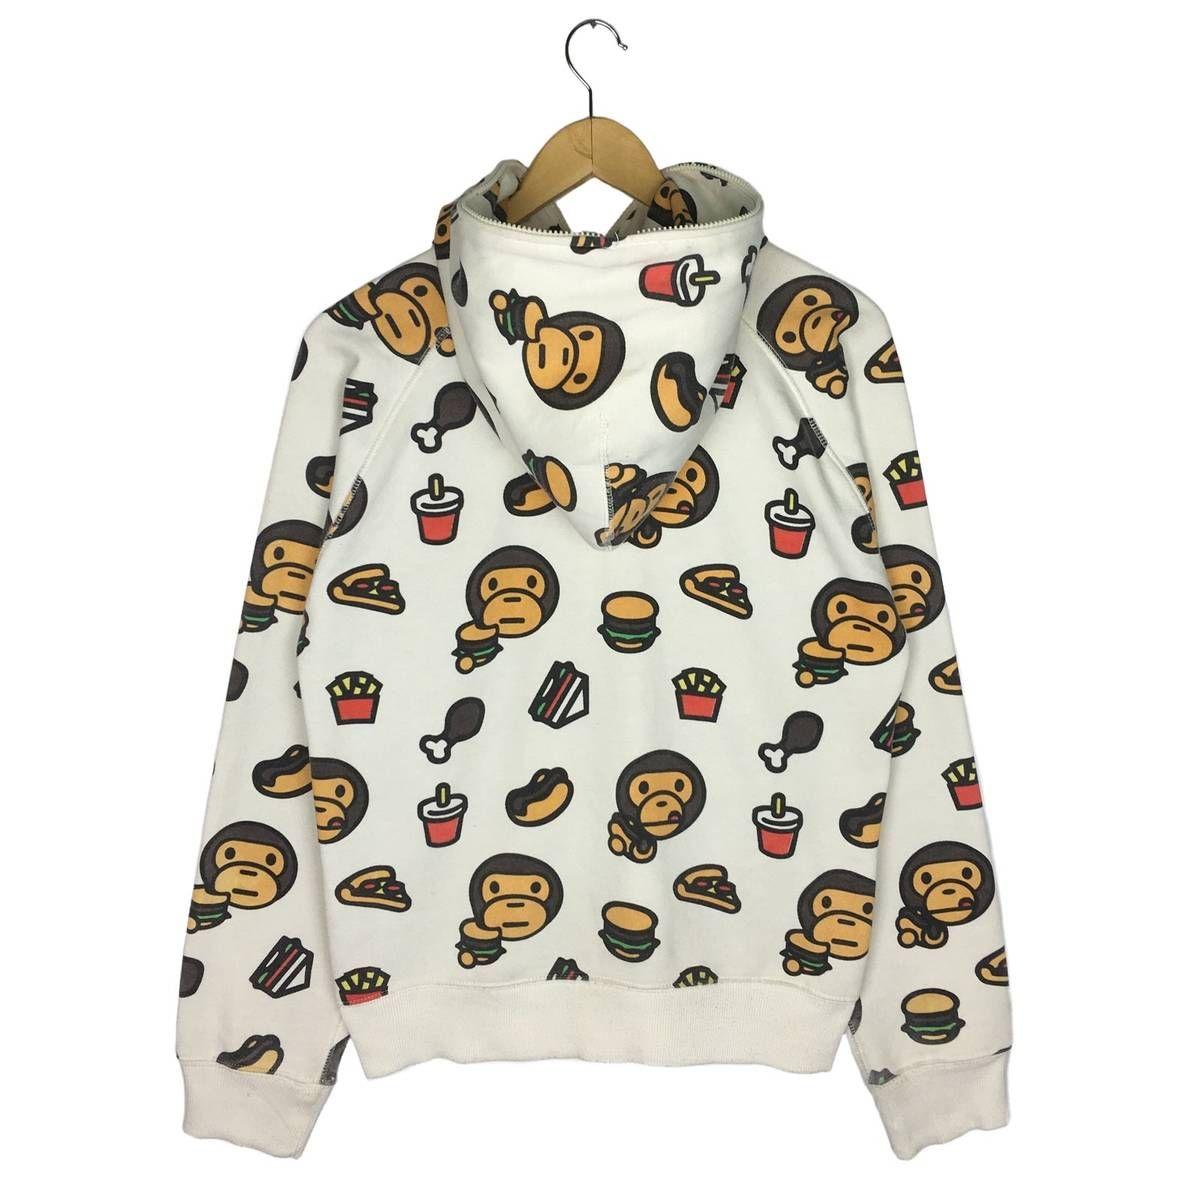 075ea6af2 Bape A Bathing Ape Baby Milo Junk Food Hoodie Fullzip Size m - Sweatshirts    Hoodies for Sale - Grailed